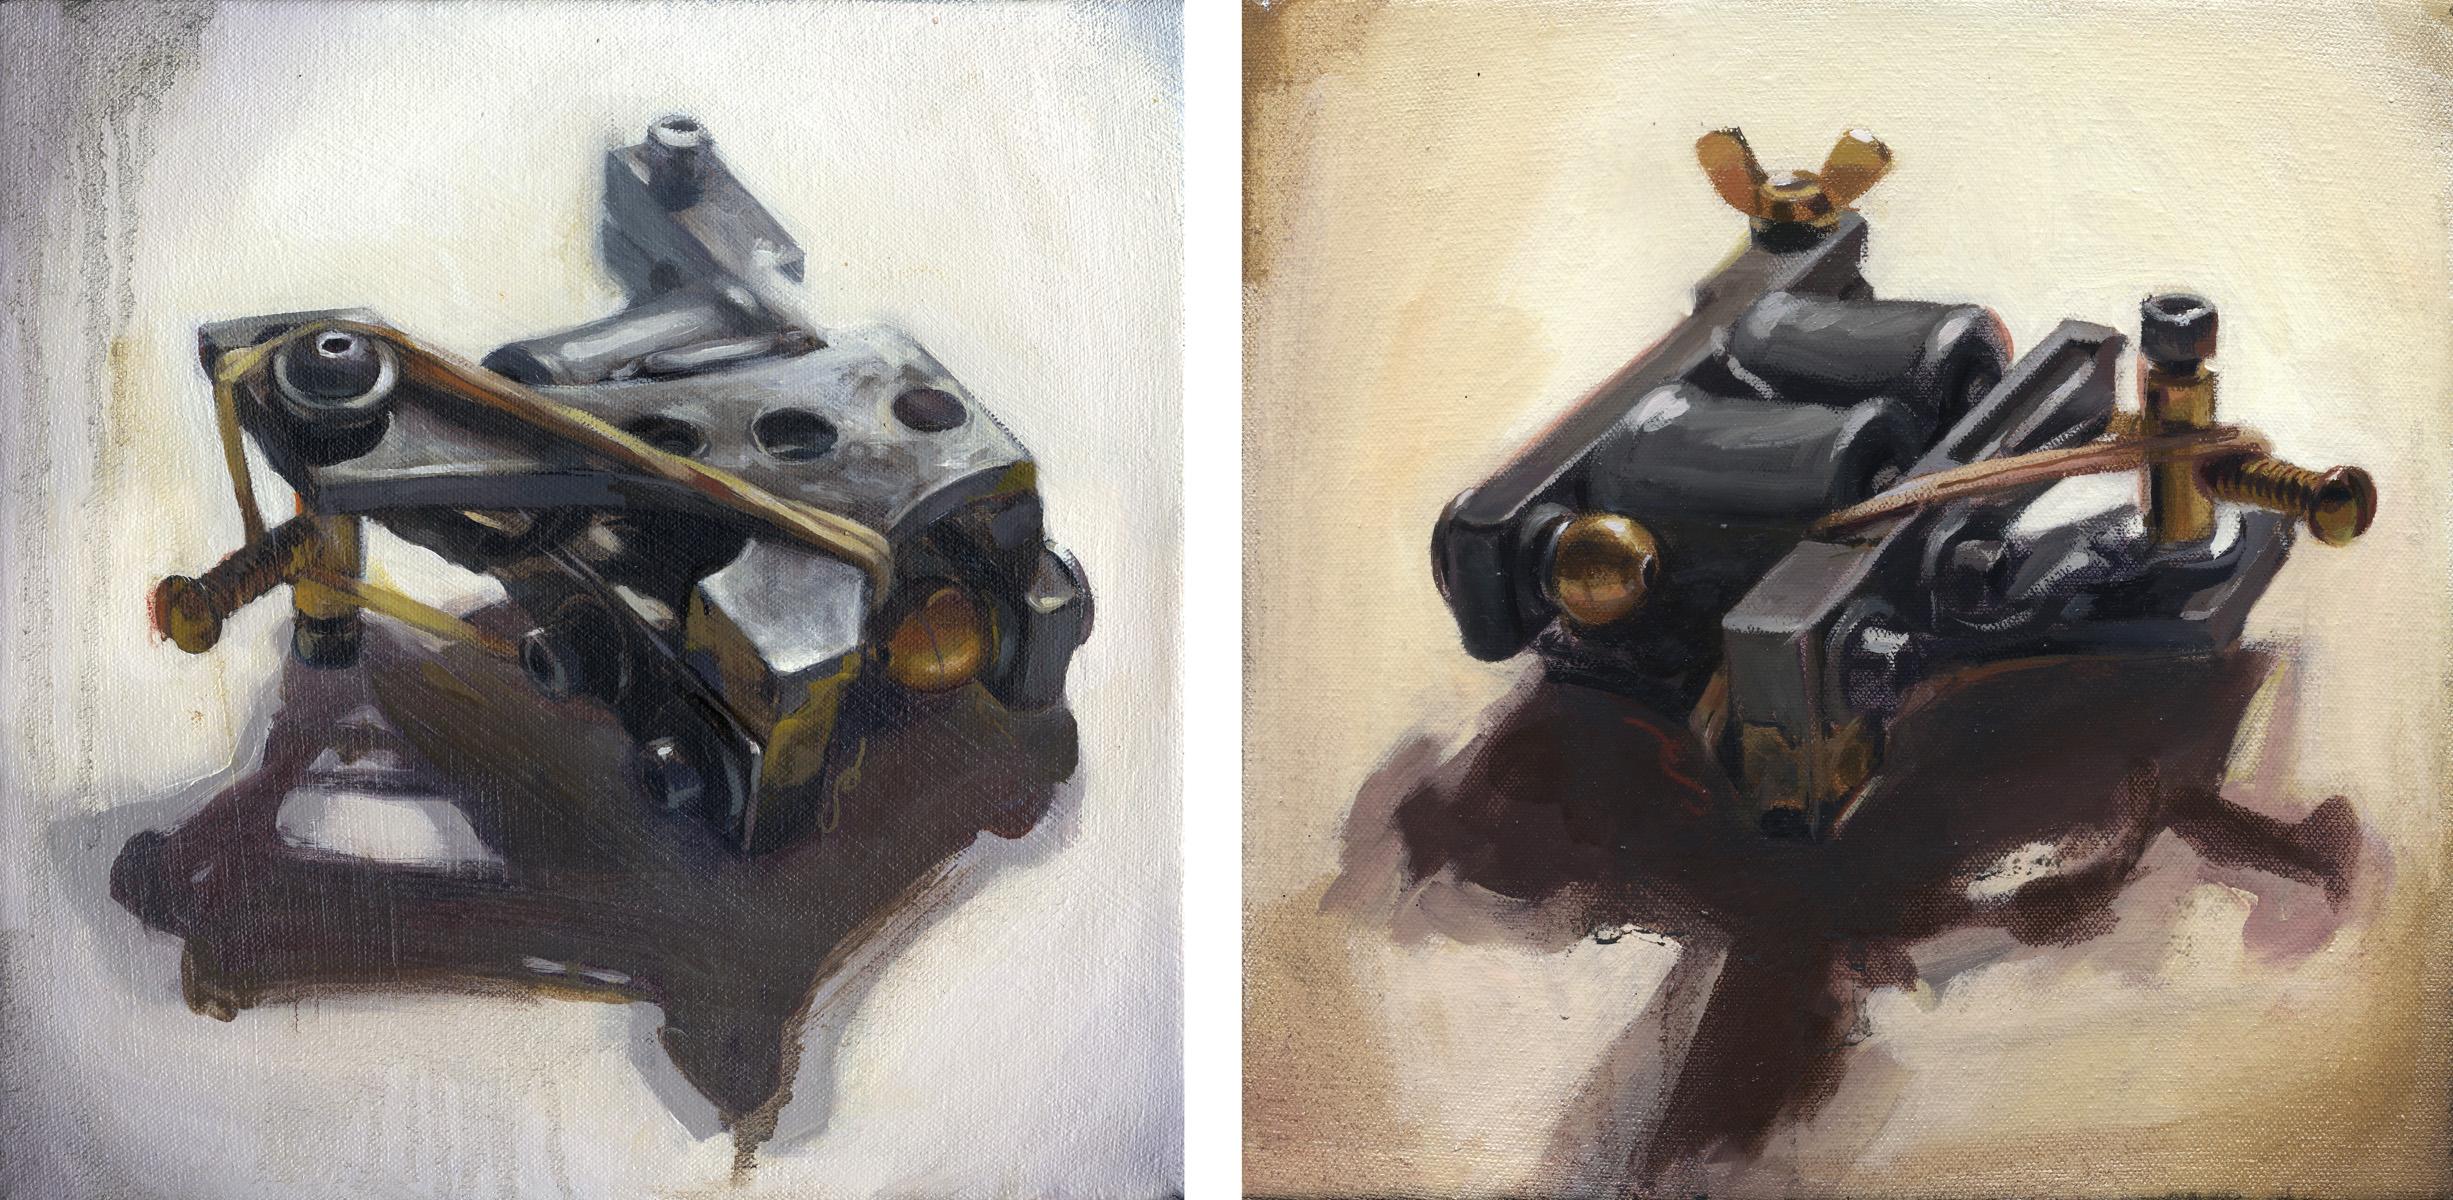 """'My First Machine, Schrobritter Liner (Top View)' / 'My First MachineSchrobritter Liner (Coil Side)' /  Both oil on canvas, 10"""" x 10"""", 2005, Collection of Jason Schroder"""